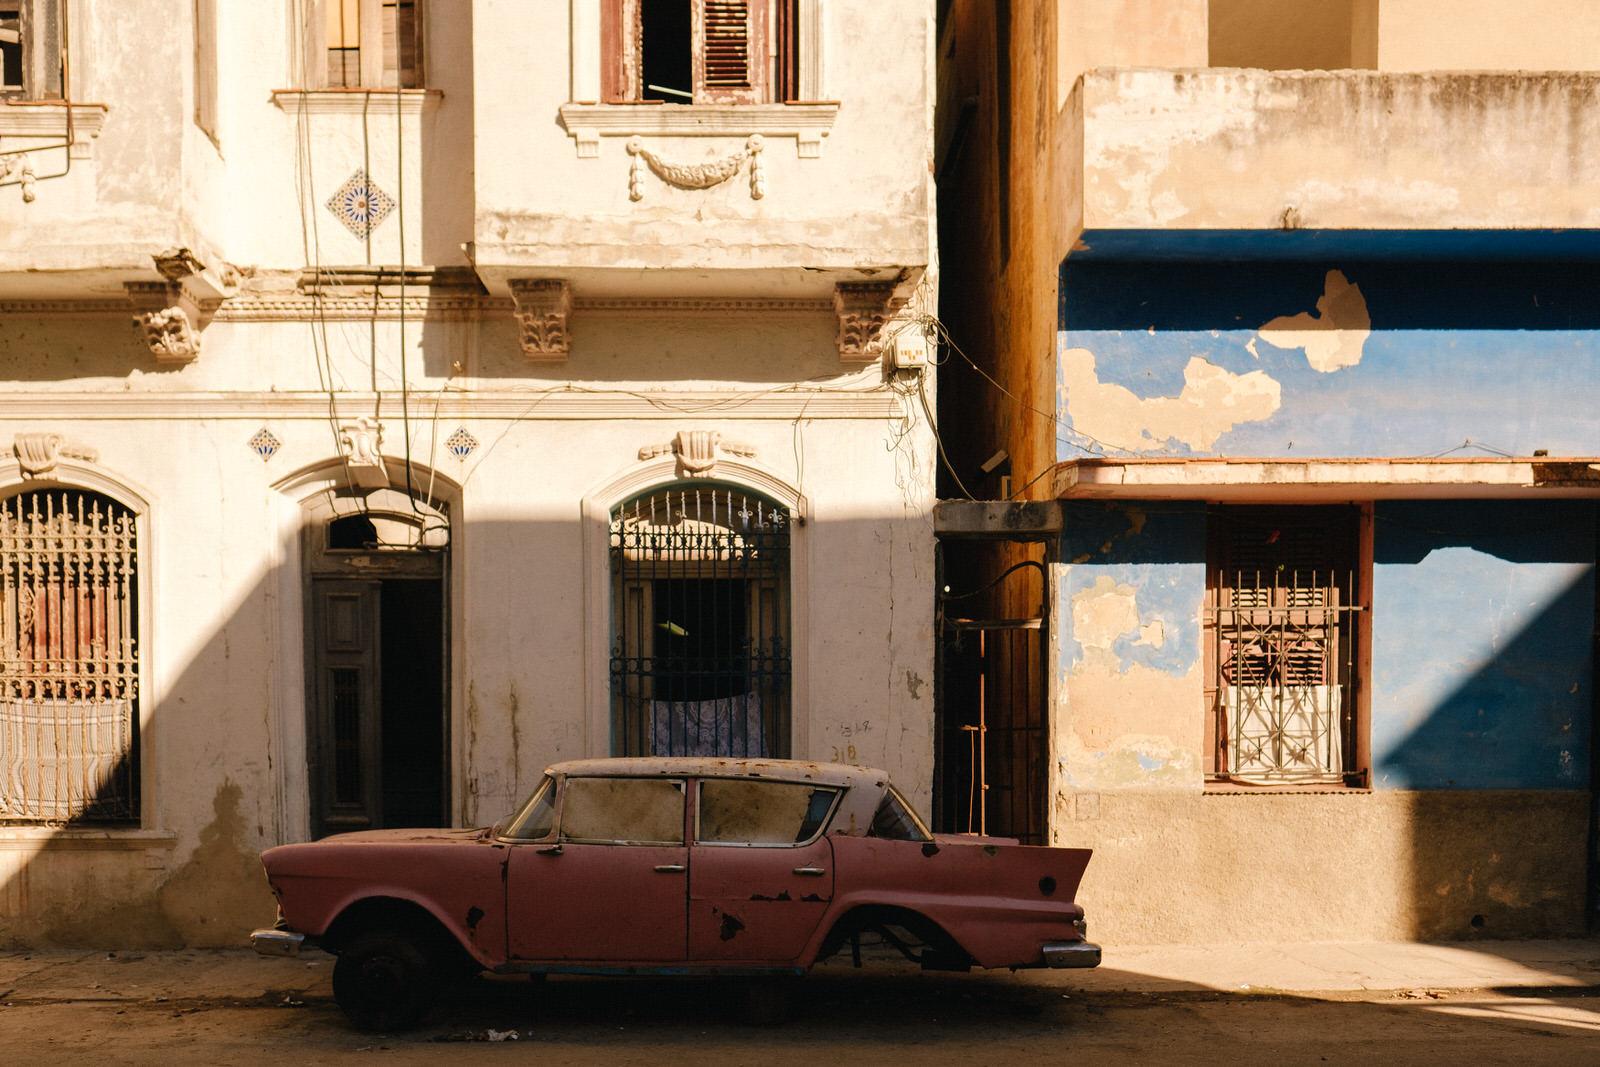 Cuba2019-545.jpg